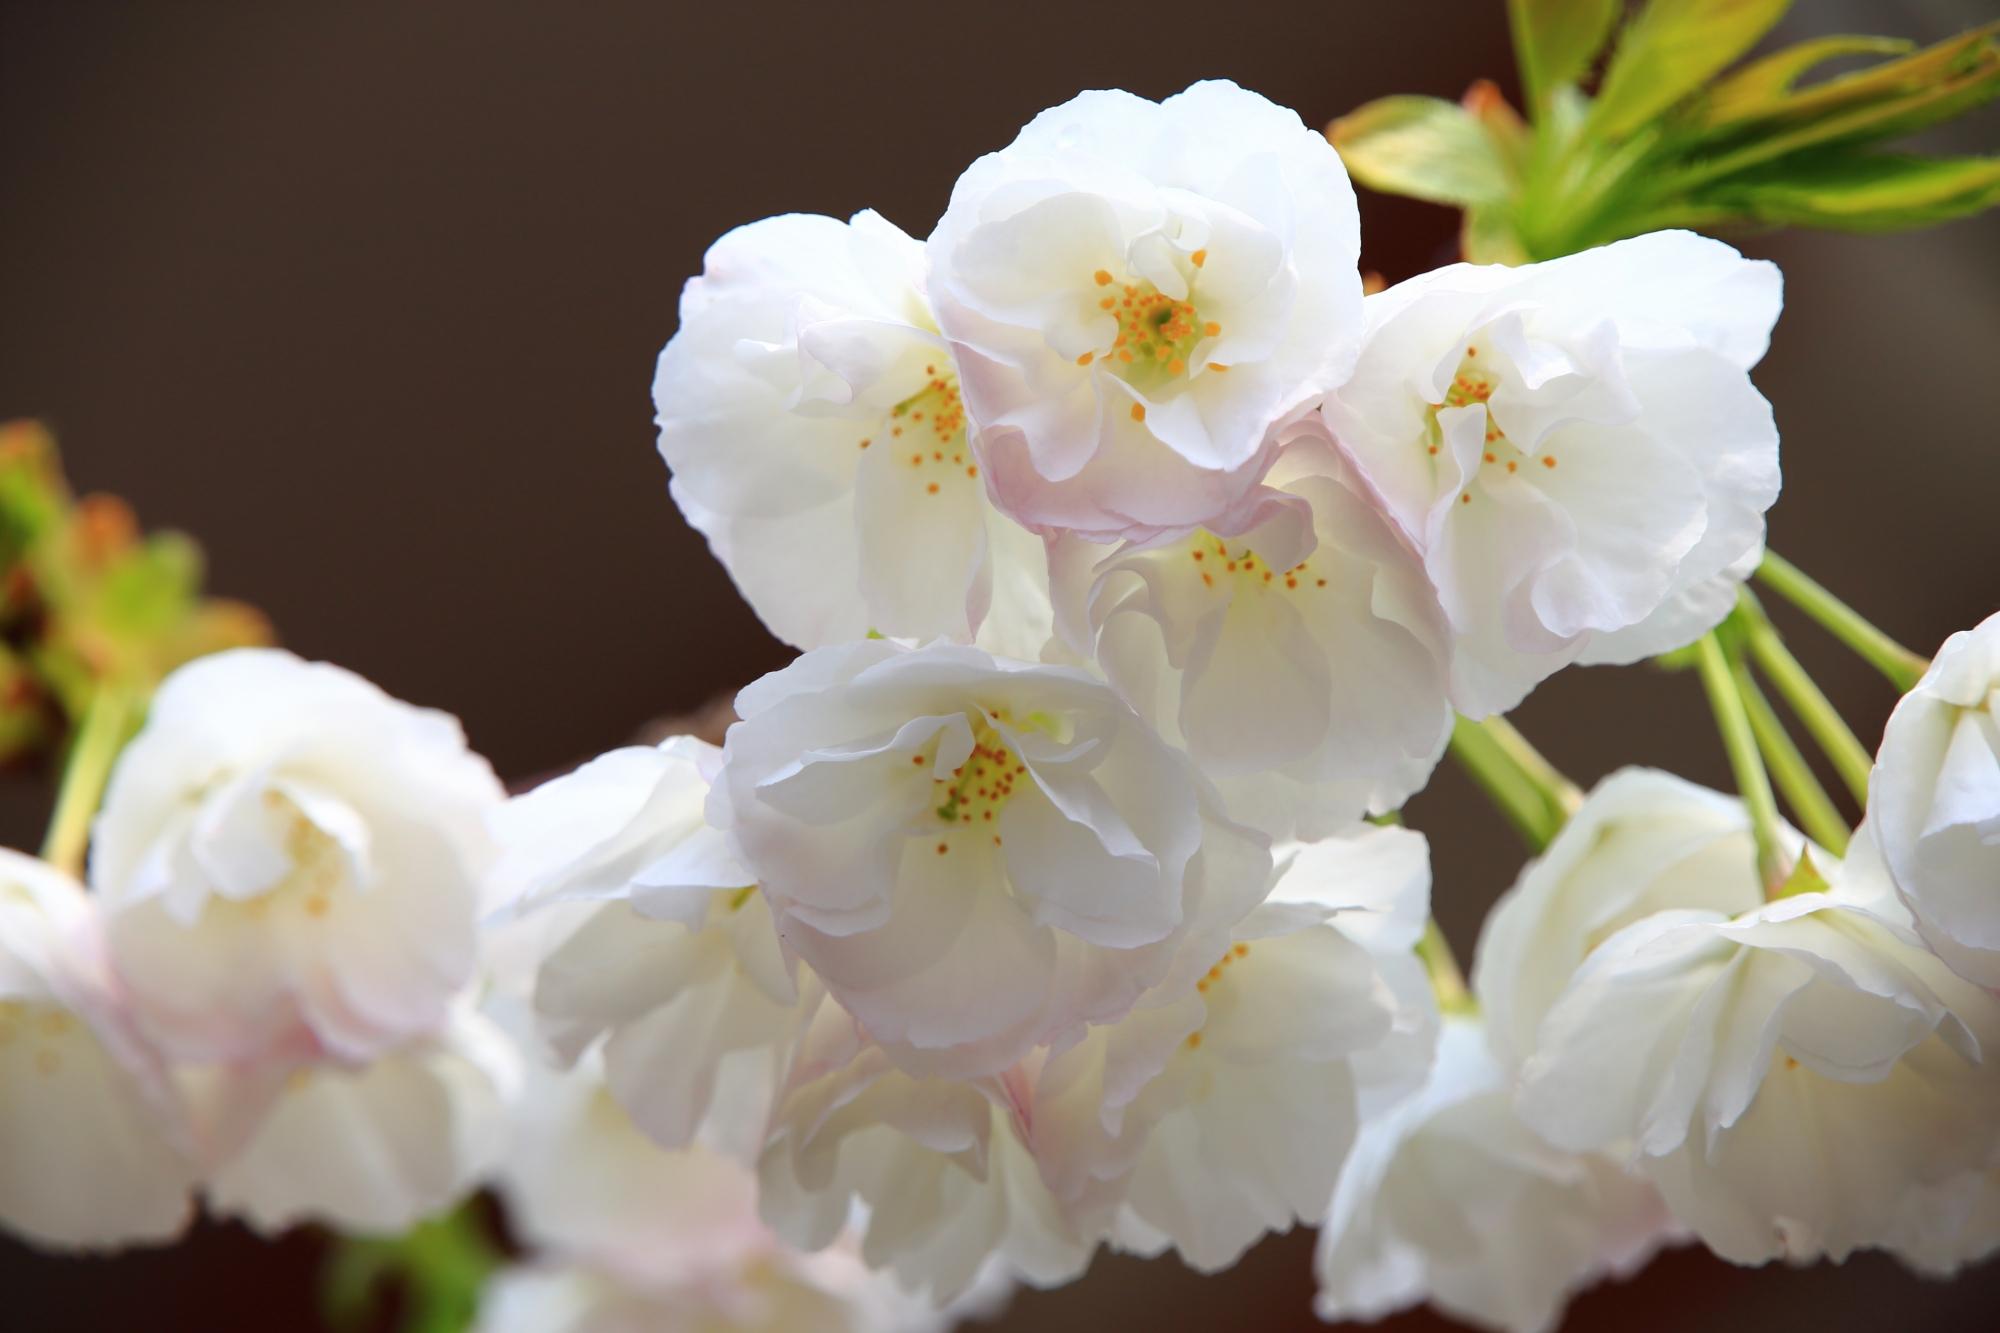 近くで見ると花びら一枚一枚は非常に繊細な八重桜